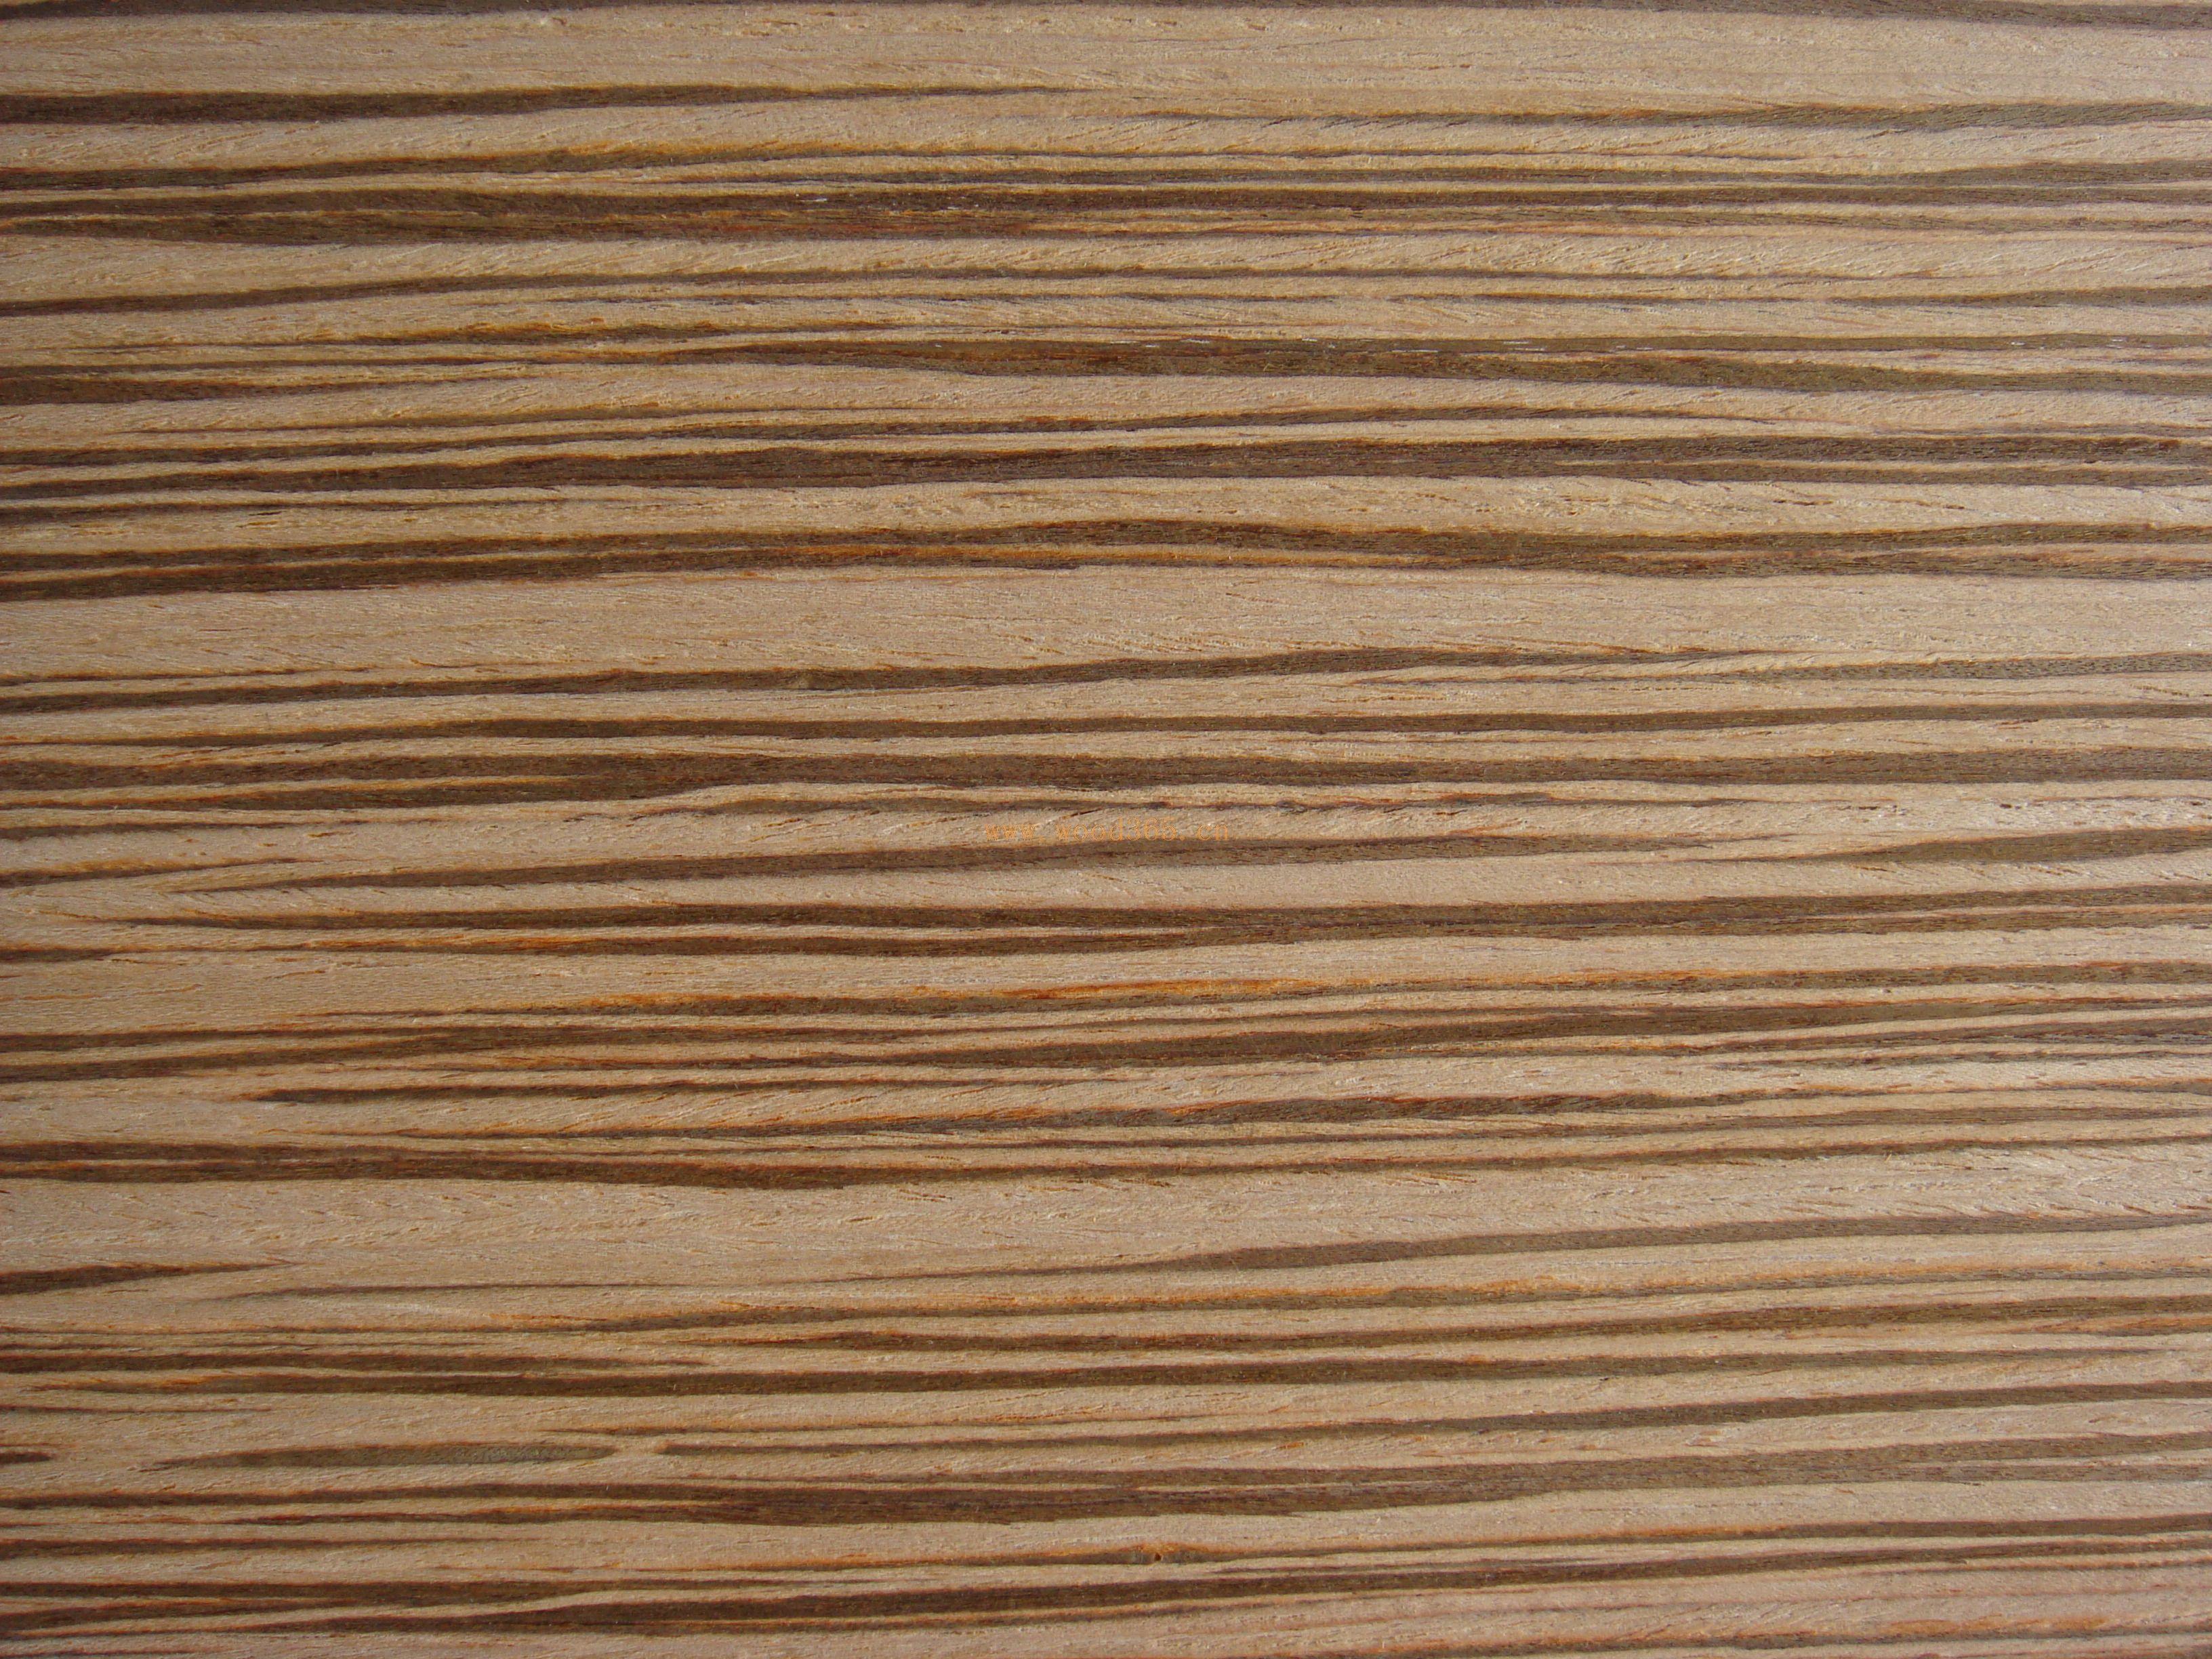 木桌面贴图素材